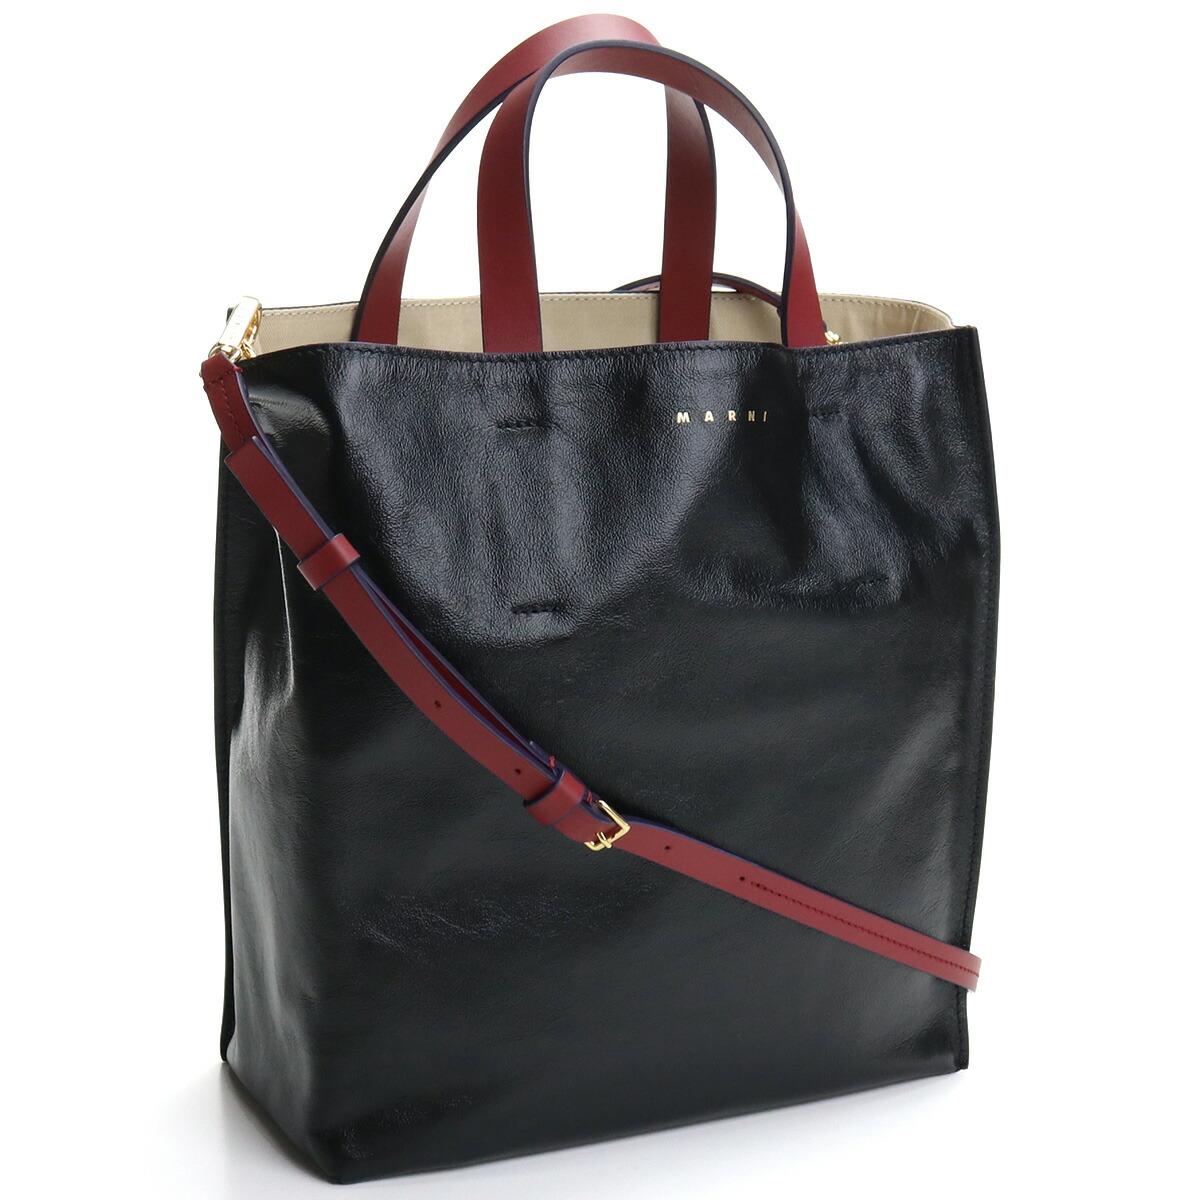 マルニ MARNI  トートバッグ ブランドバッグ ブランドトートバッグ SHMP0018U1 P2644 Z2I33 ブラック bos-22 bag-01